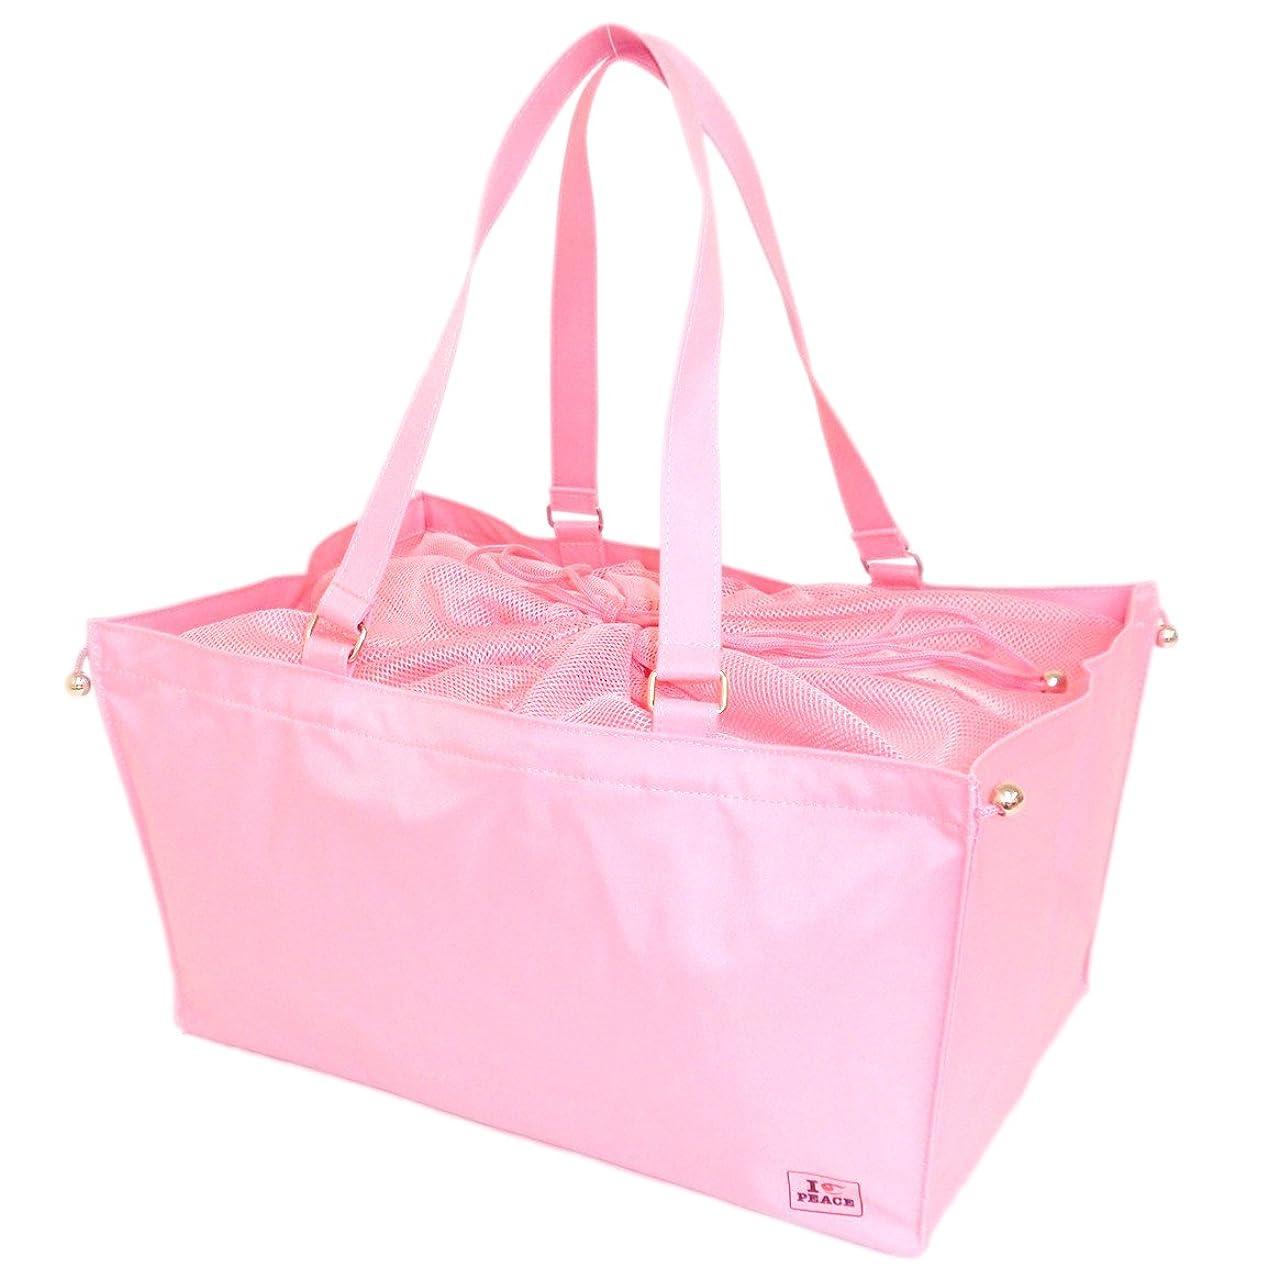 リスキーな知覚仲人マハロ 保冷 インナーバッグ ピンク 約42×28×21cm